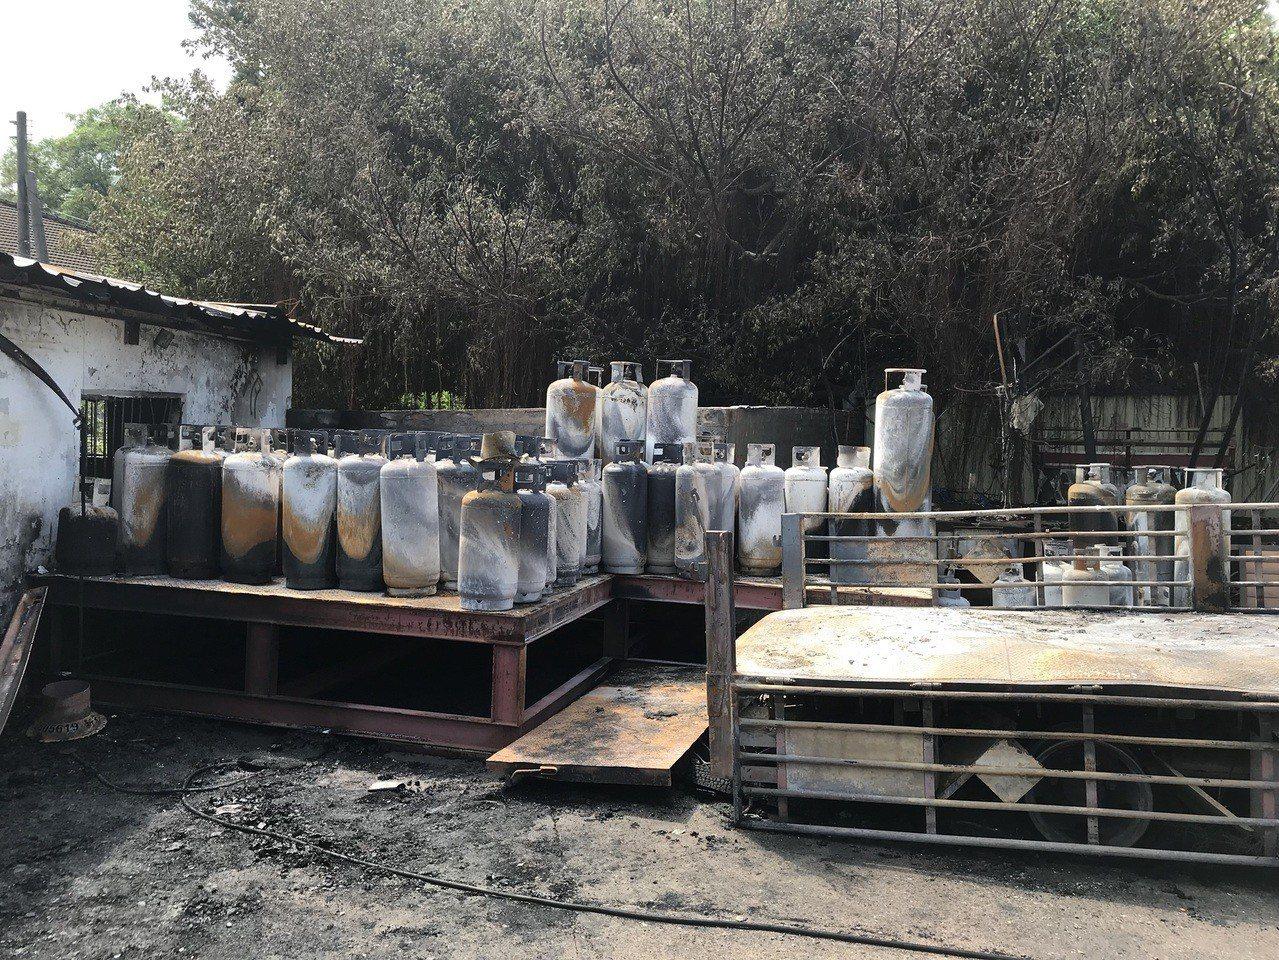 瓦斯鋼瓶燒毀情況。記者劉星君/翻攝